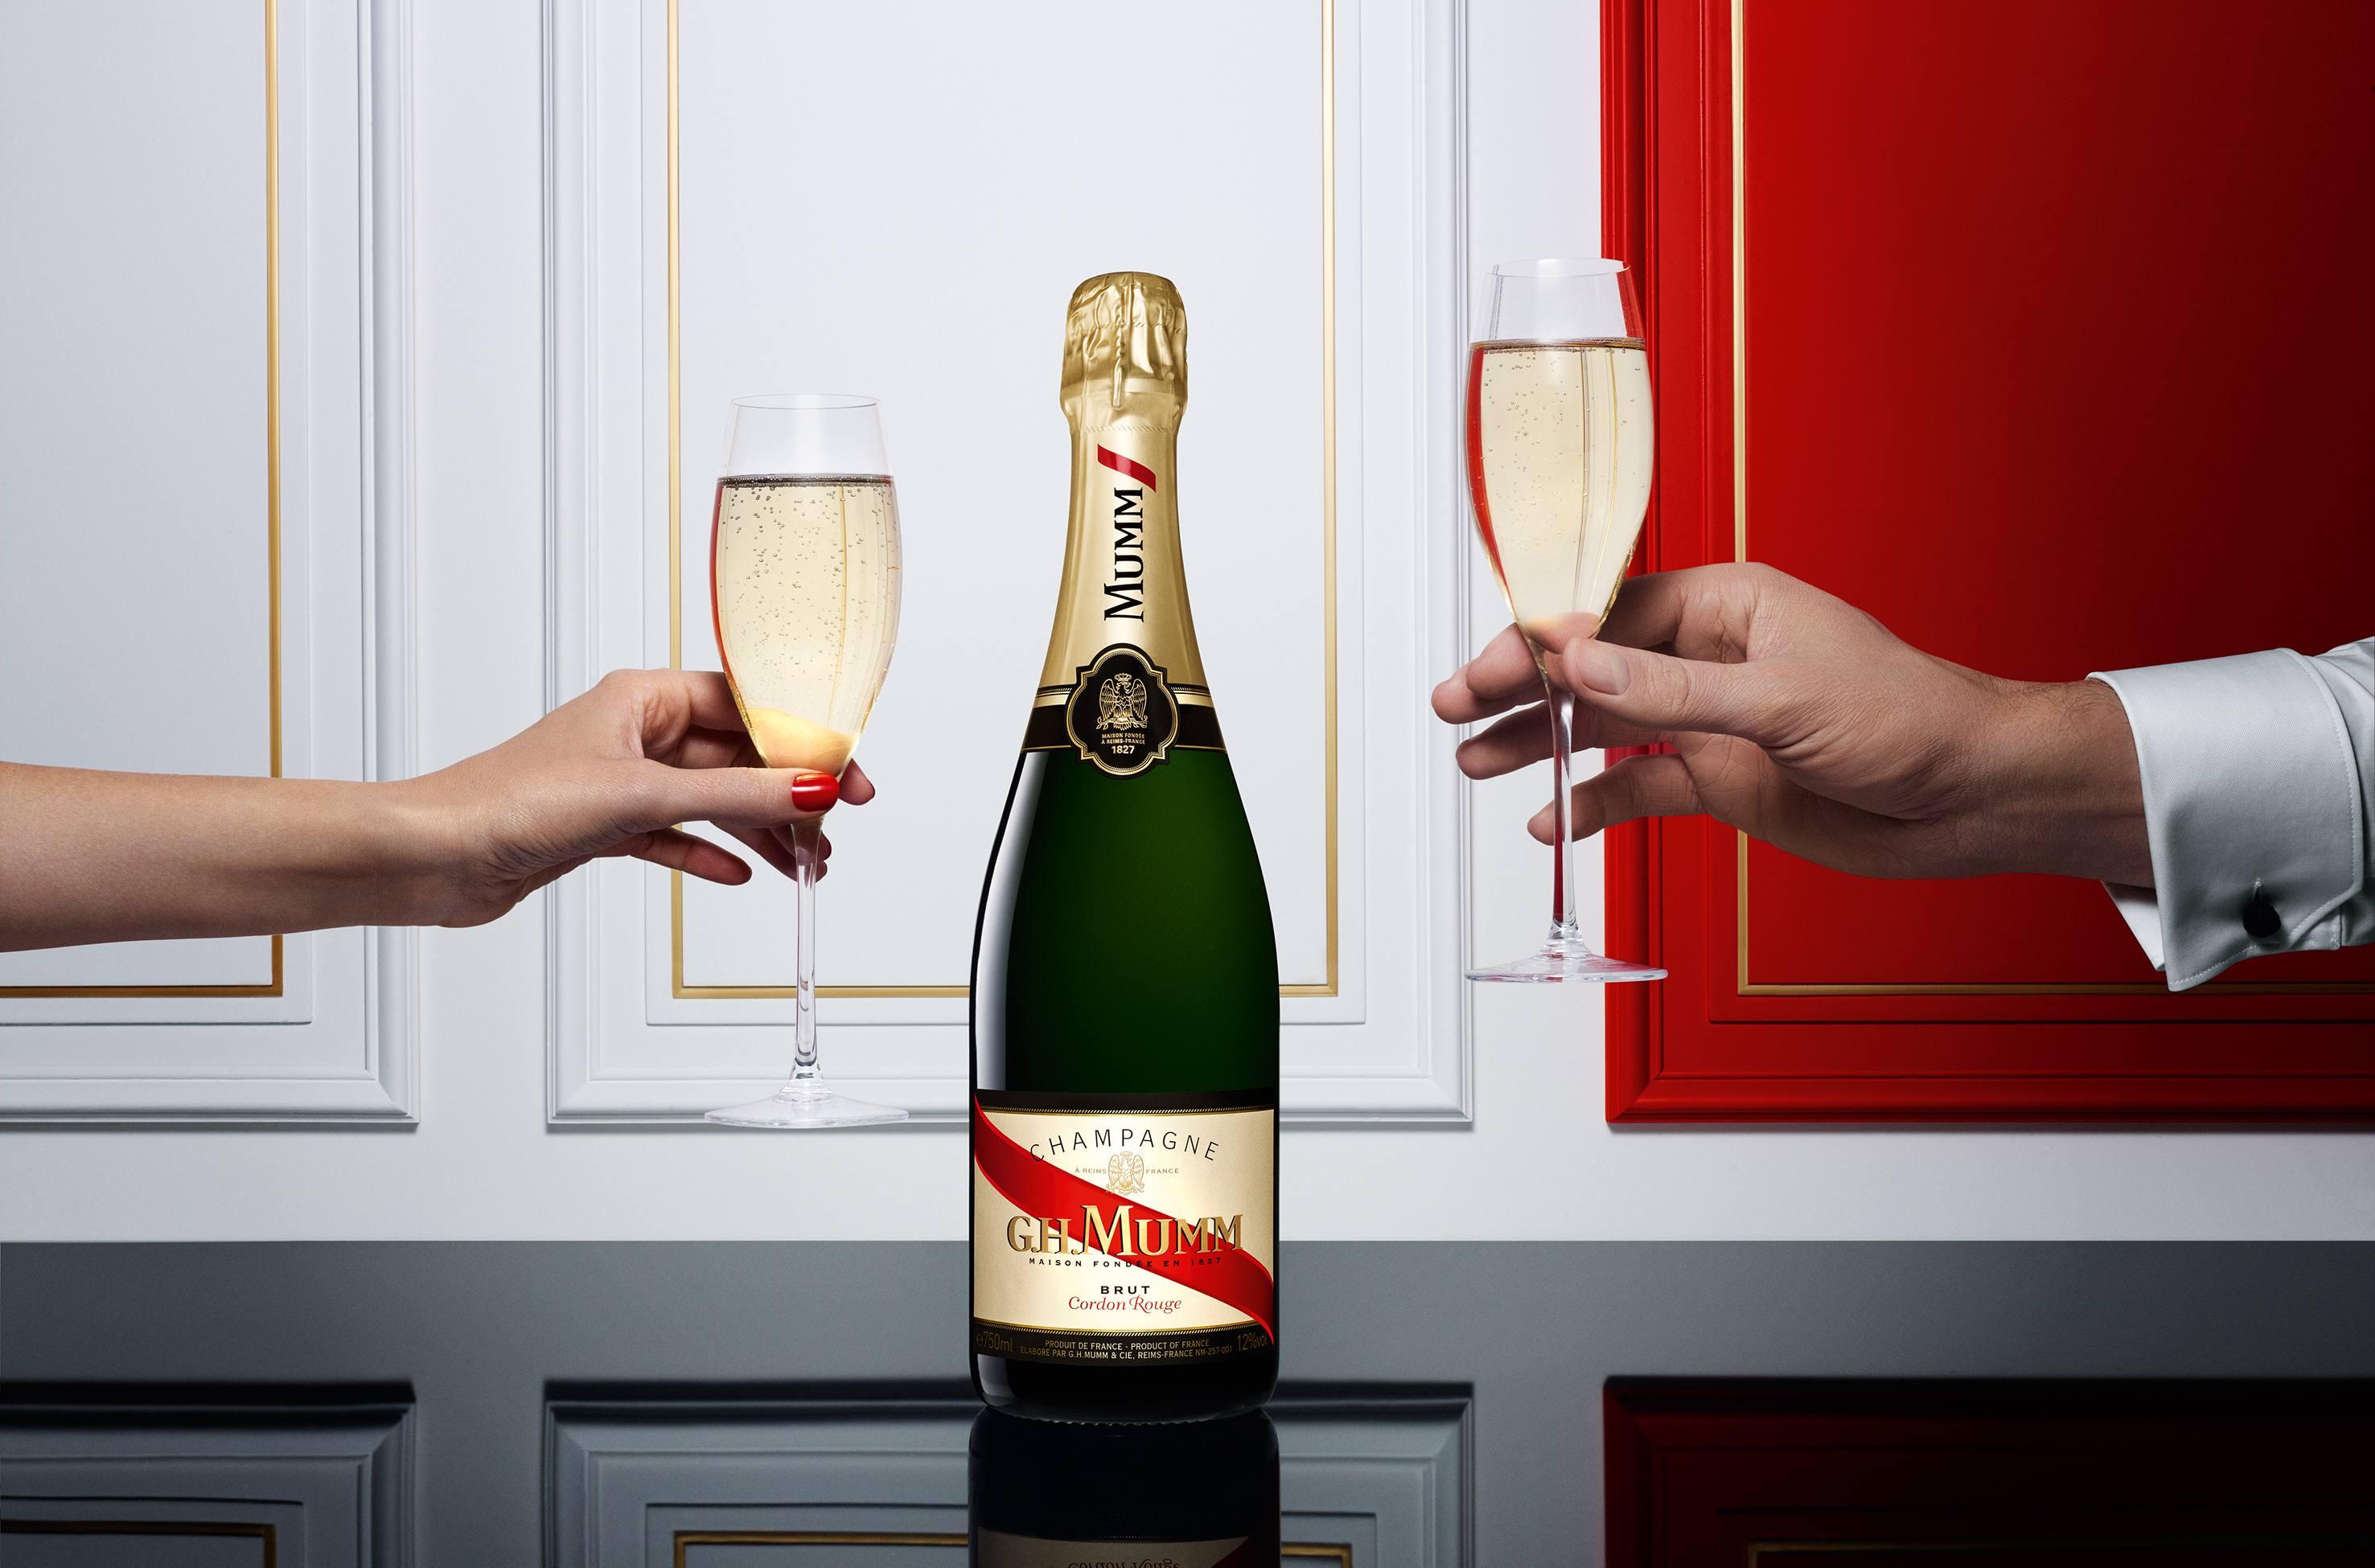 Vein / vahuvein / šampanja